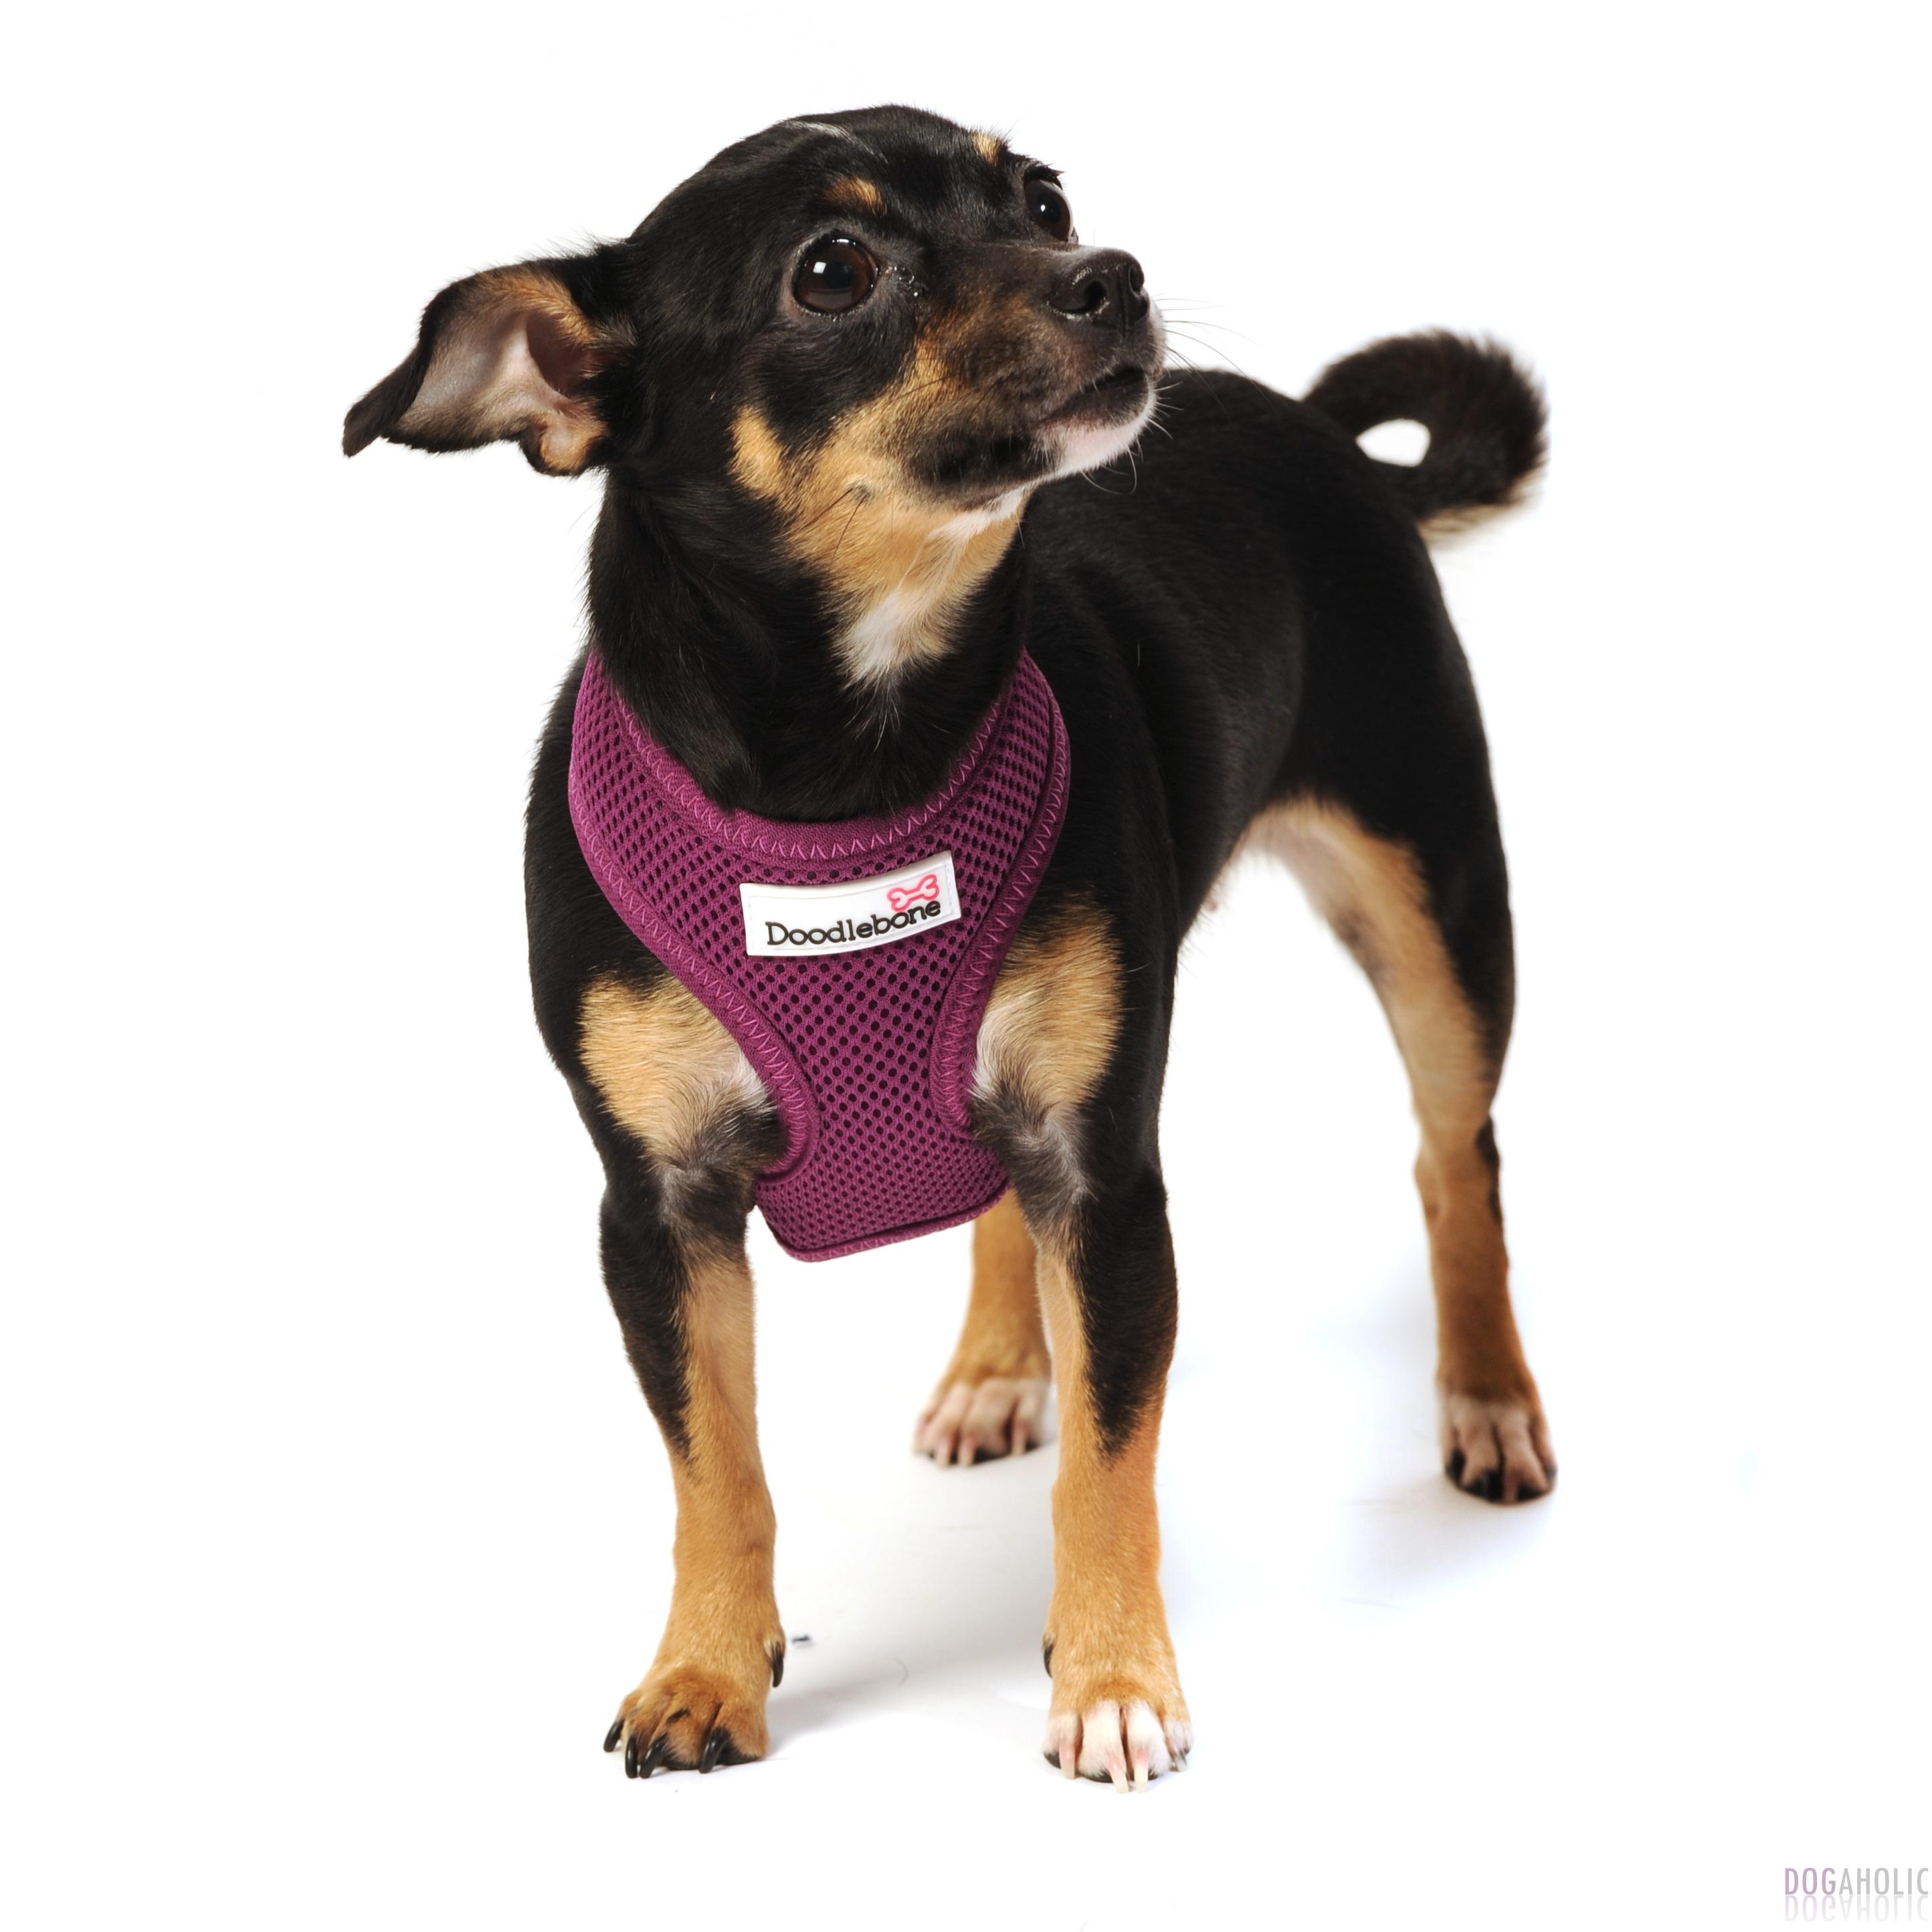 Doodlebone Airmesh Harness in Purple